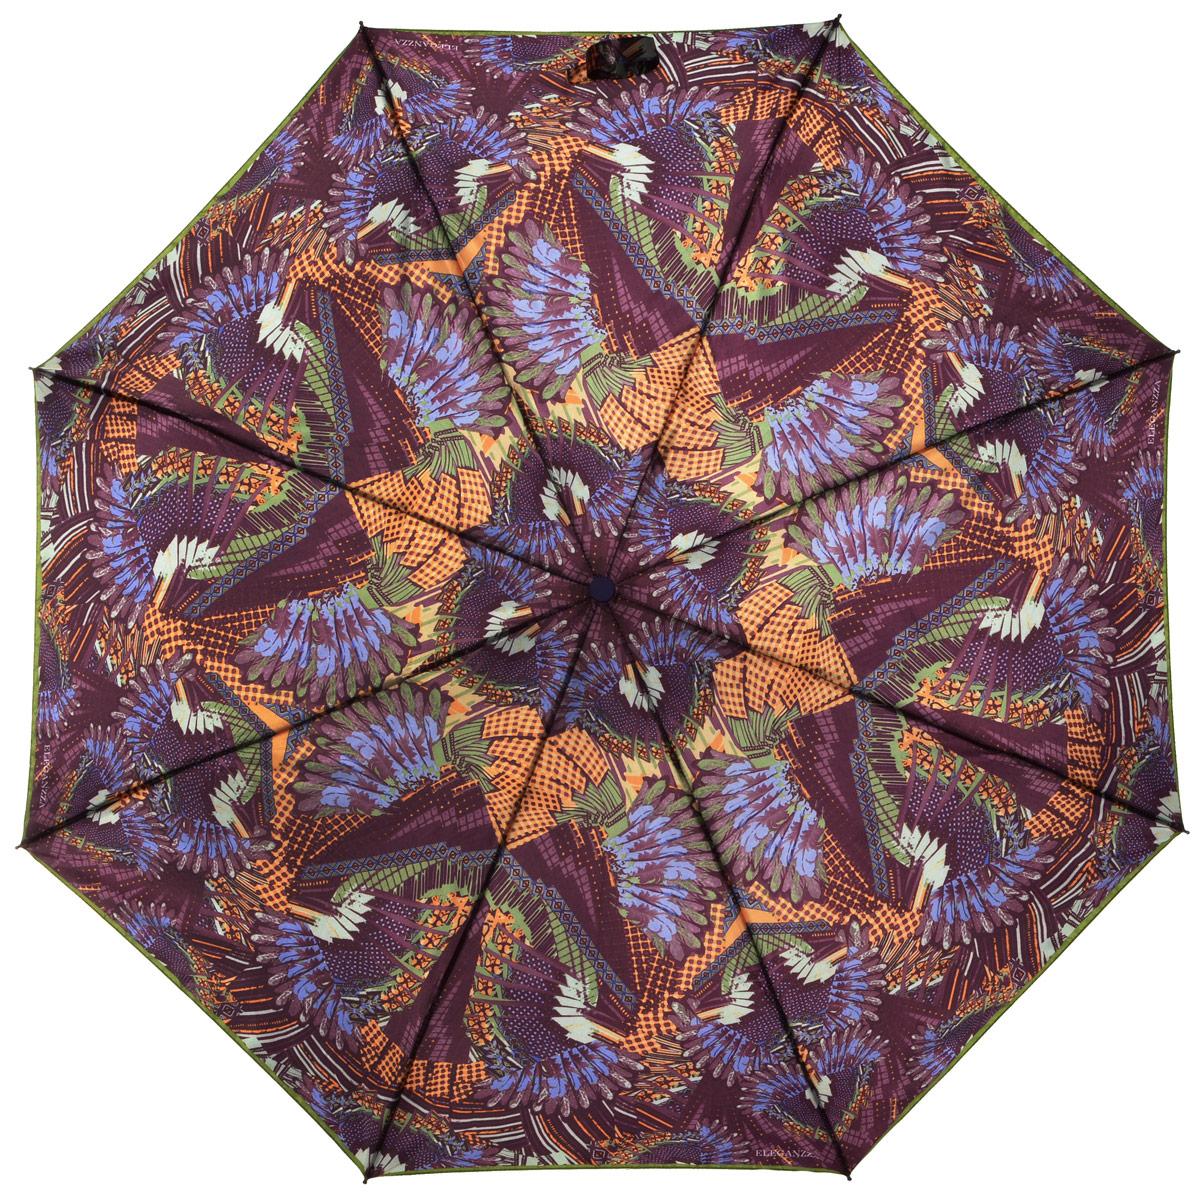 Зонт женский Eleganzza, автомат, 3 сложения, цвет: лиловый. A3-05-0265LA3-05-0265LСтильный и элегантный зонт Eleganzza не оставит вас незамеченной. Зонт оформлен оригинальным принтом. Зонт состоит из восьми спиц и стержня, изготовленных из стали и фибергласса. Купол выполнен из качественного полиэстера и сатина, которые не пропускают воду. Зонт дополнен удобной ручкой из пластика. Зонт имеет автоматический механизм сложения: купол открывается и закрывается нажатием кнопки на ручке, стержень складывается вручную до характерного щелчка, благодаря чему открыть и закрыть зонт можно одной рукой. Ручка дополнена петлей, благодаря которой зонт можно носить на запястье . К зонту прилагается чехол. Удобный и практичный аксессуар даже в ненастную погоду позволит вам оставаться женственной и привлекательной.